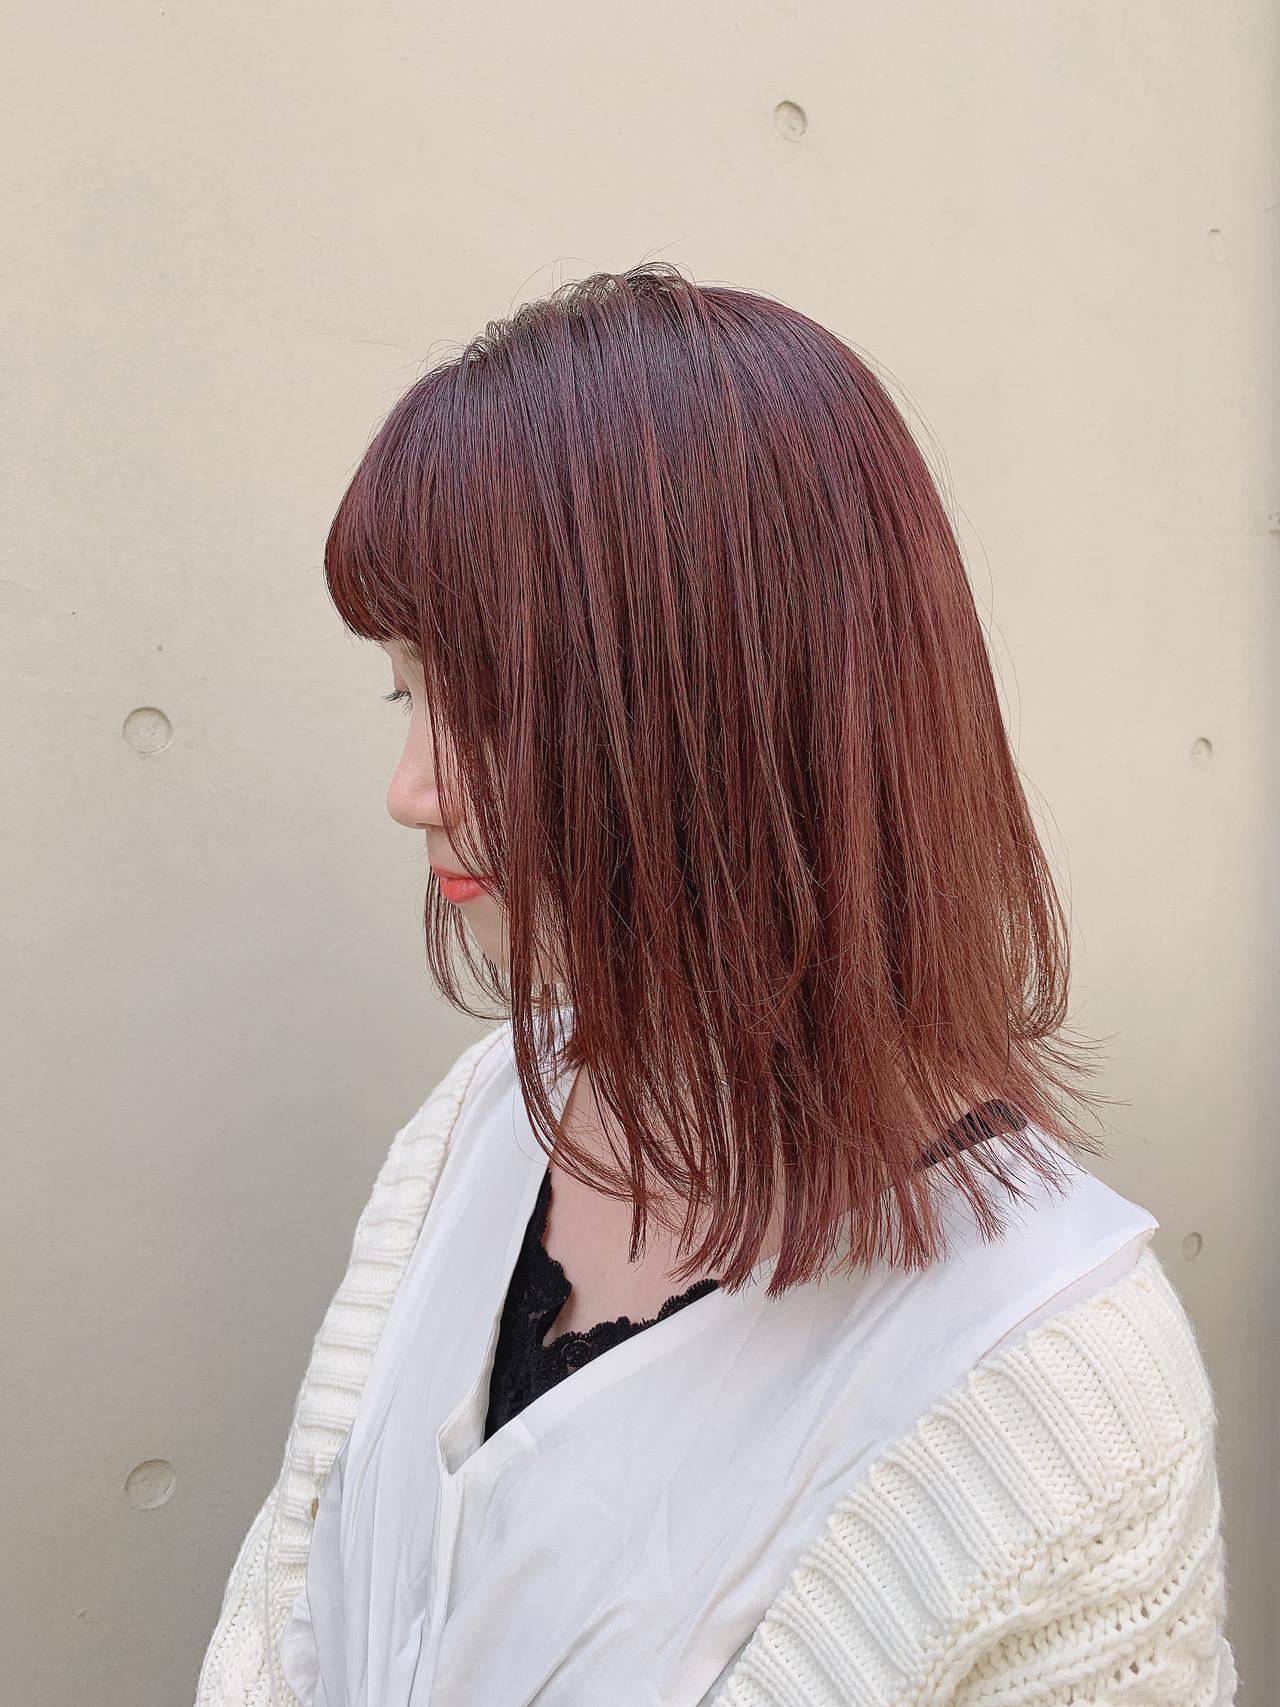 ハイライト 透明感カラー ピンクベージュ ミディアム ヘアスタイルや髪型の写真・画像